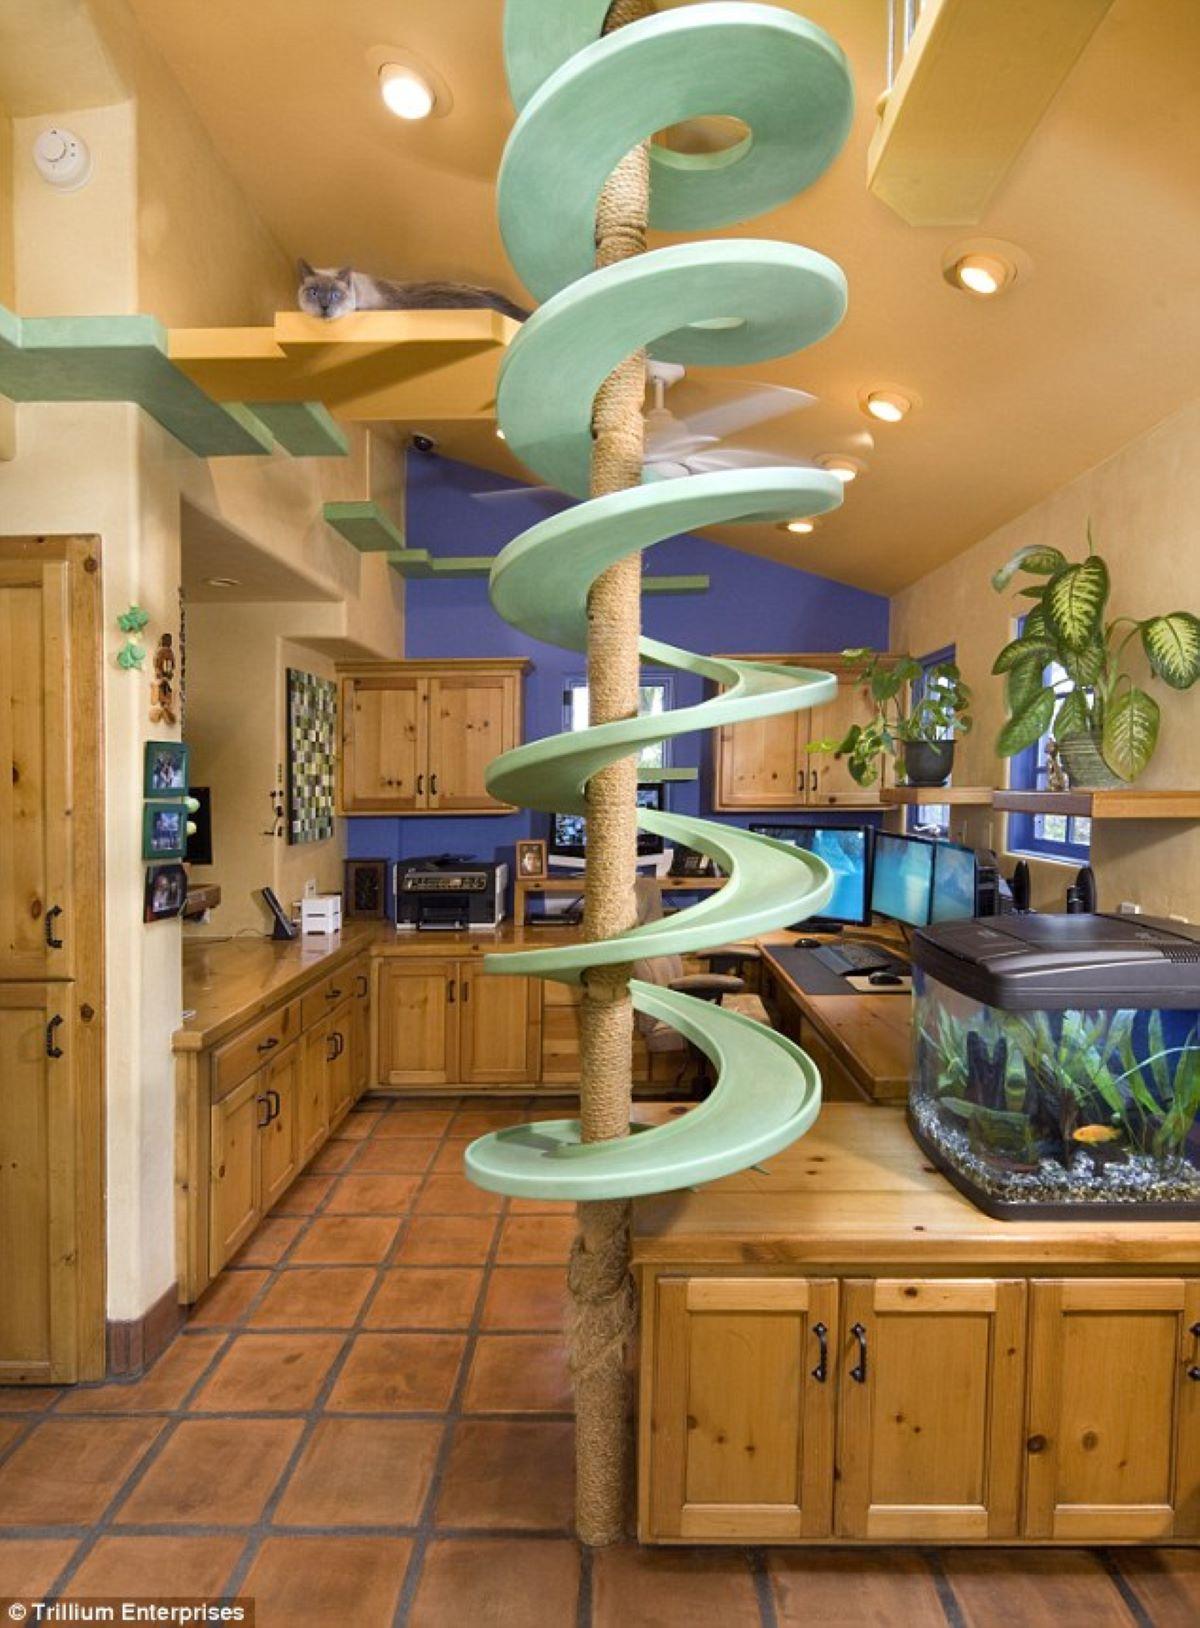 accessorio-per-gatti-in-casa